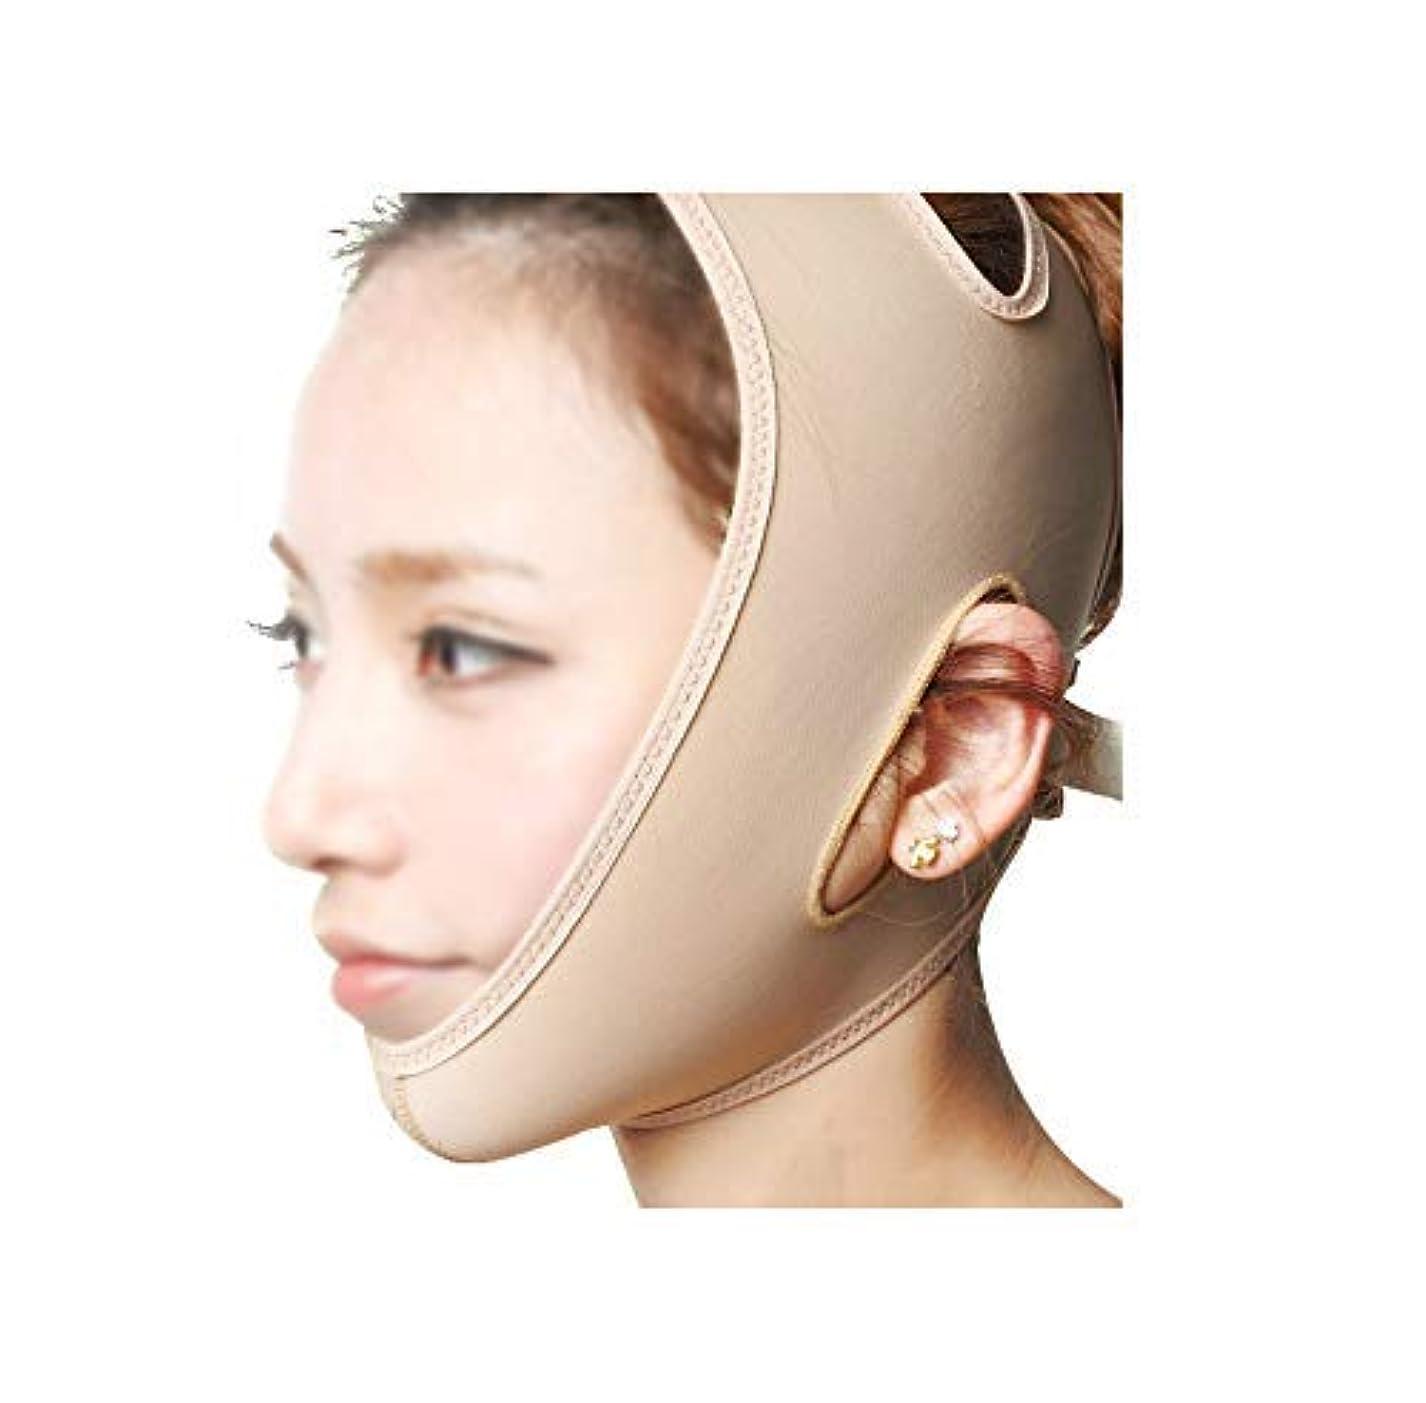 フェイスリフティングバンデージVフェイスインスツルメントフェイスマスクアーティファクトフェイスリフティング引き締めフェイシャルマッサージ通気性肌のトーン(サイズ:xl),Xl